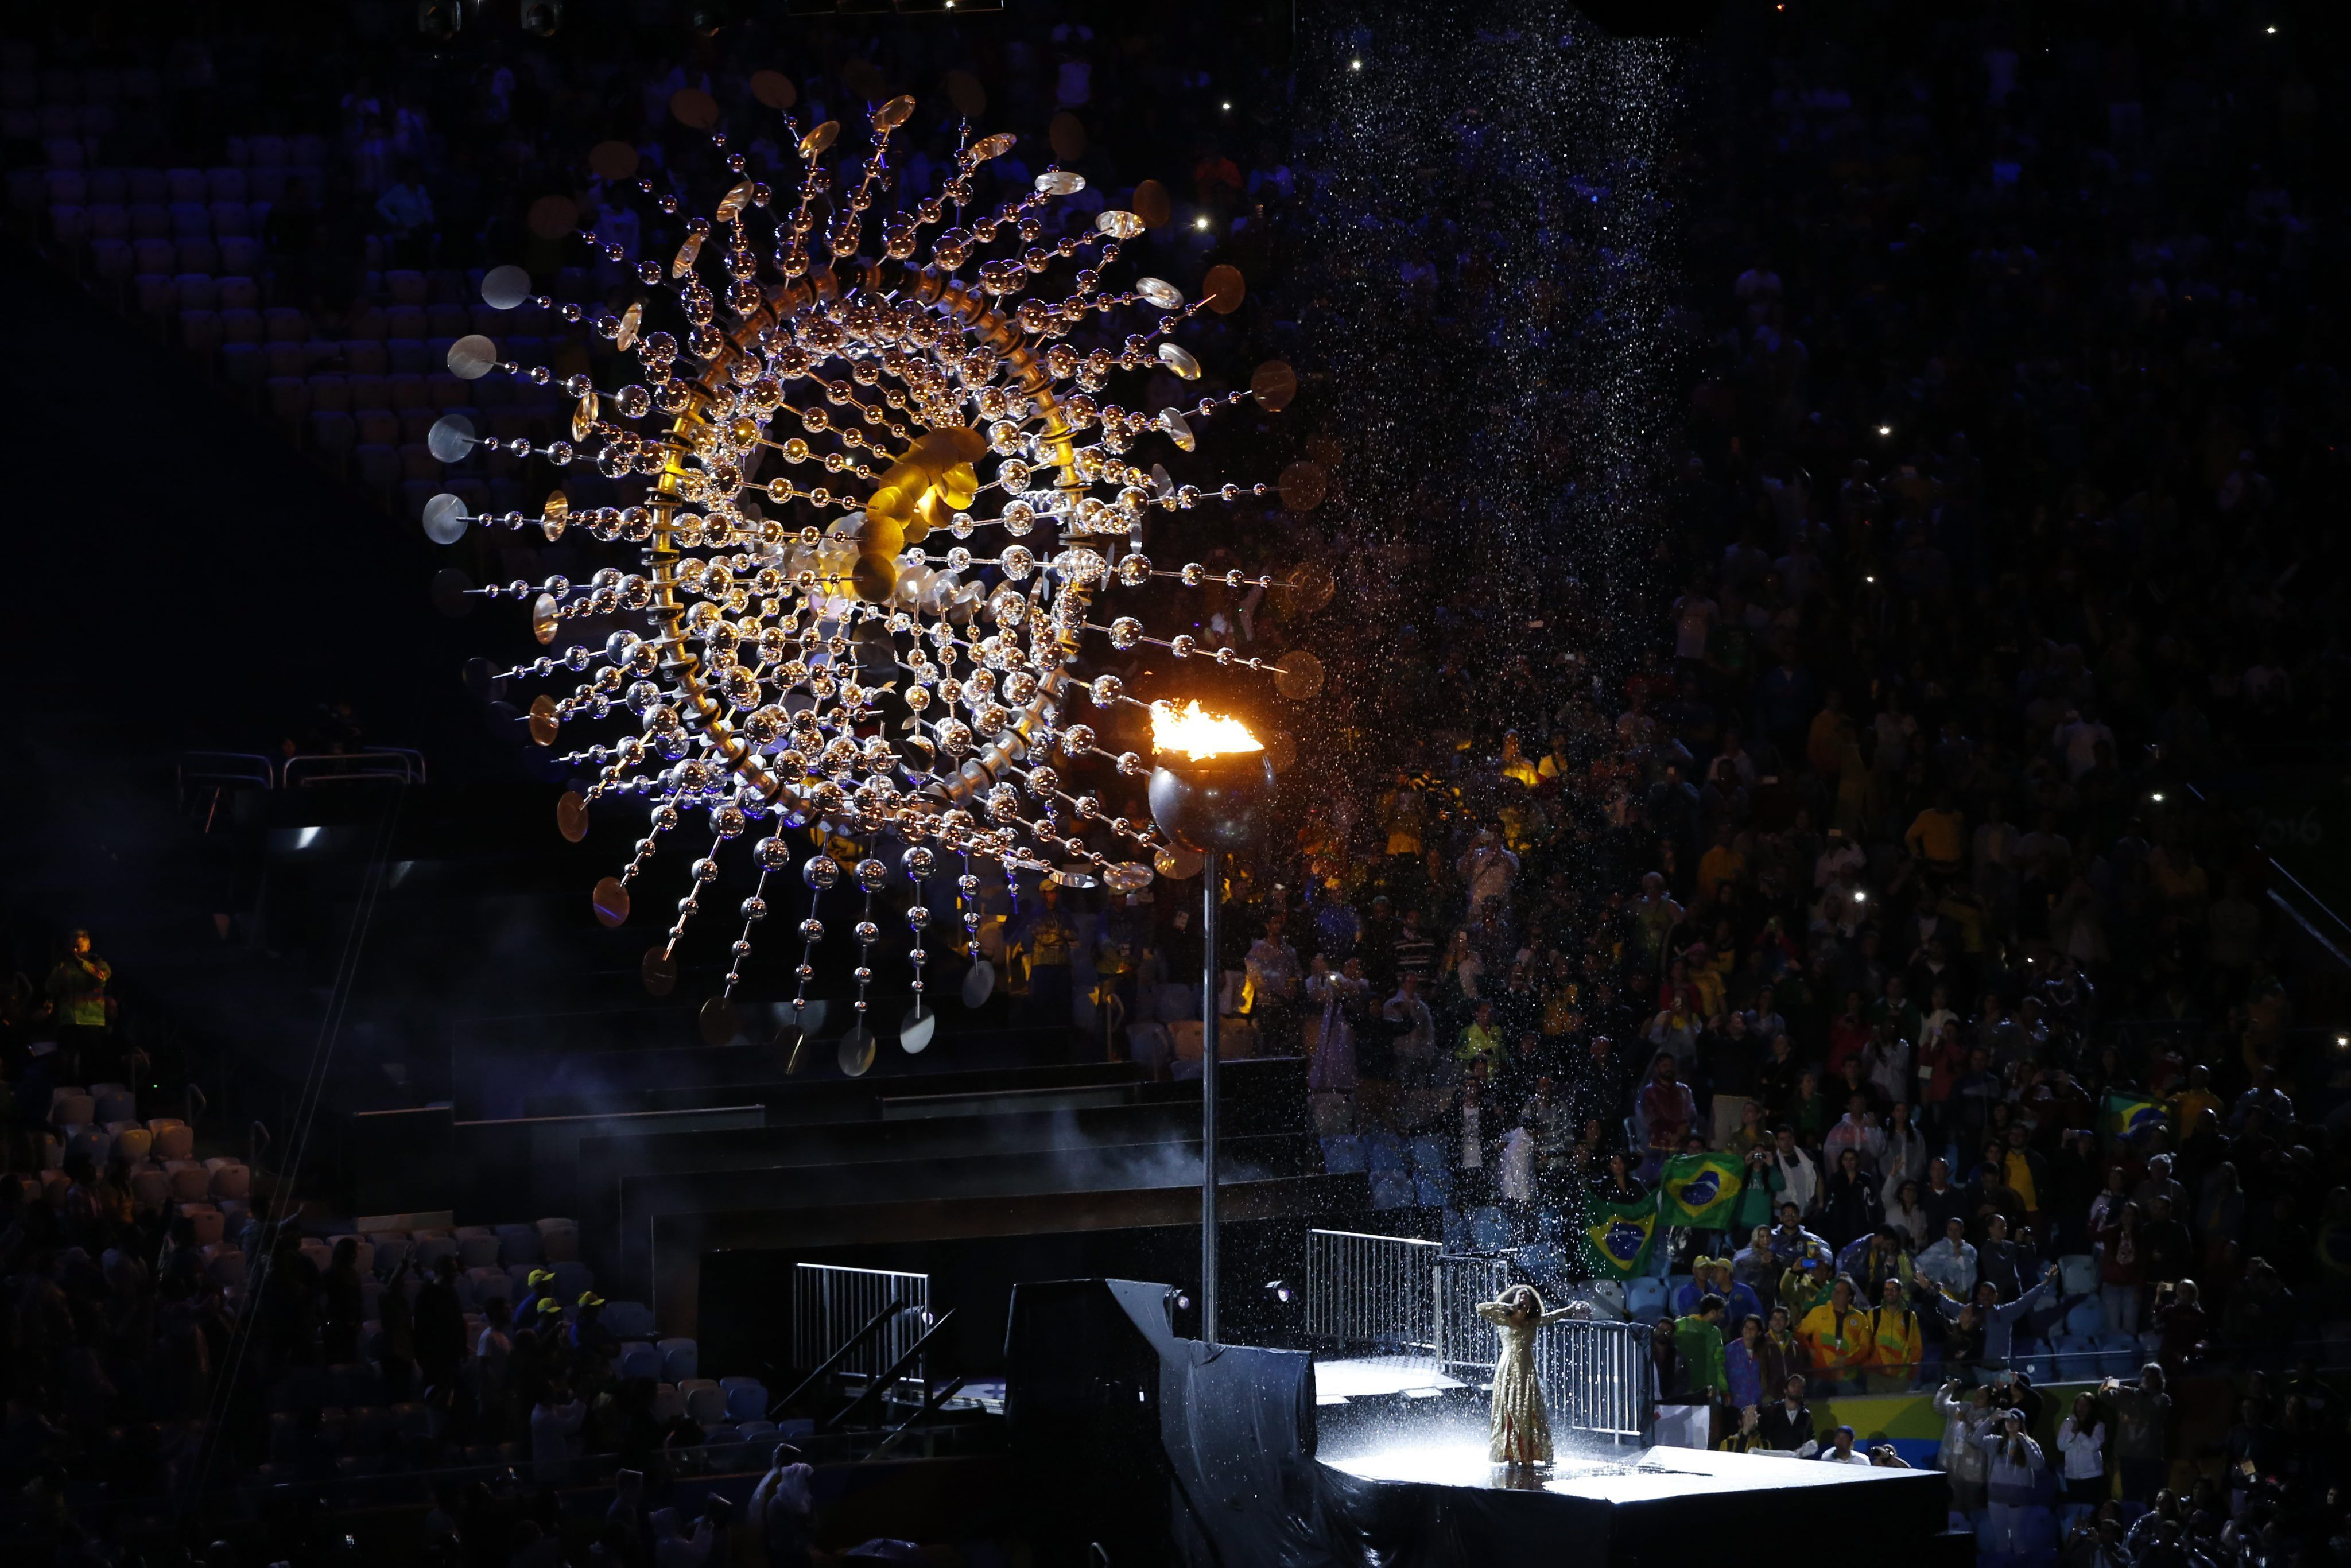 La clausura de los Juegos Olímpicos Río 2016